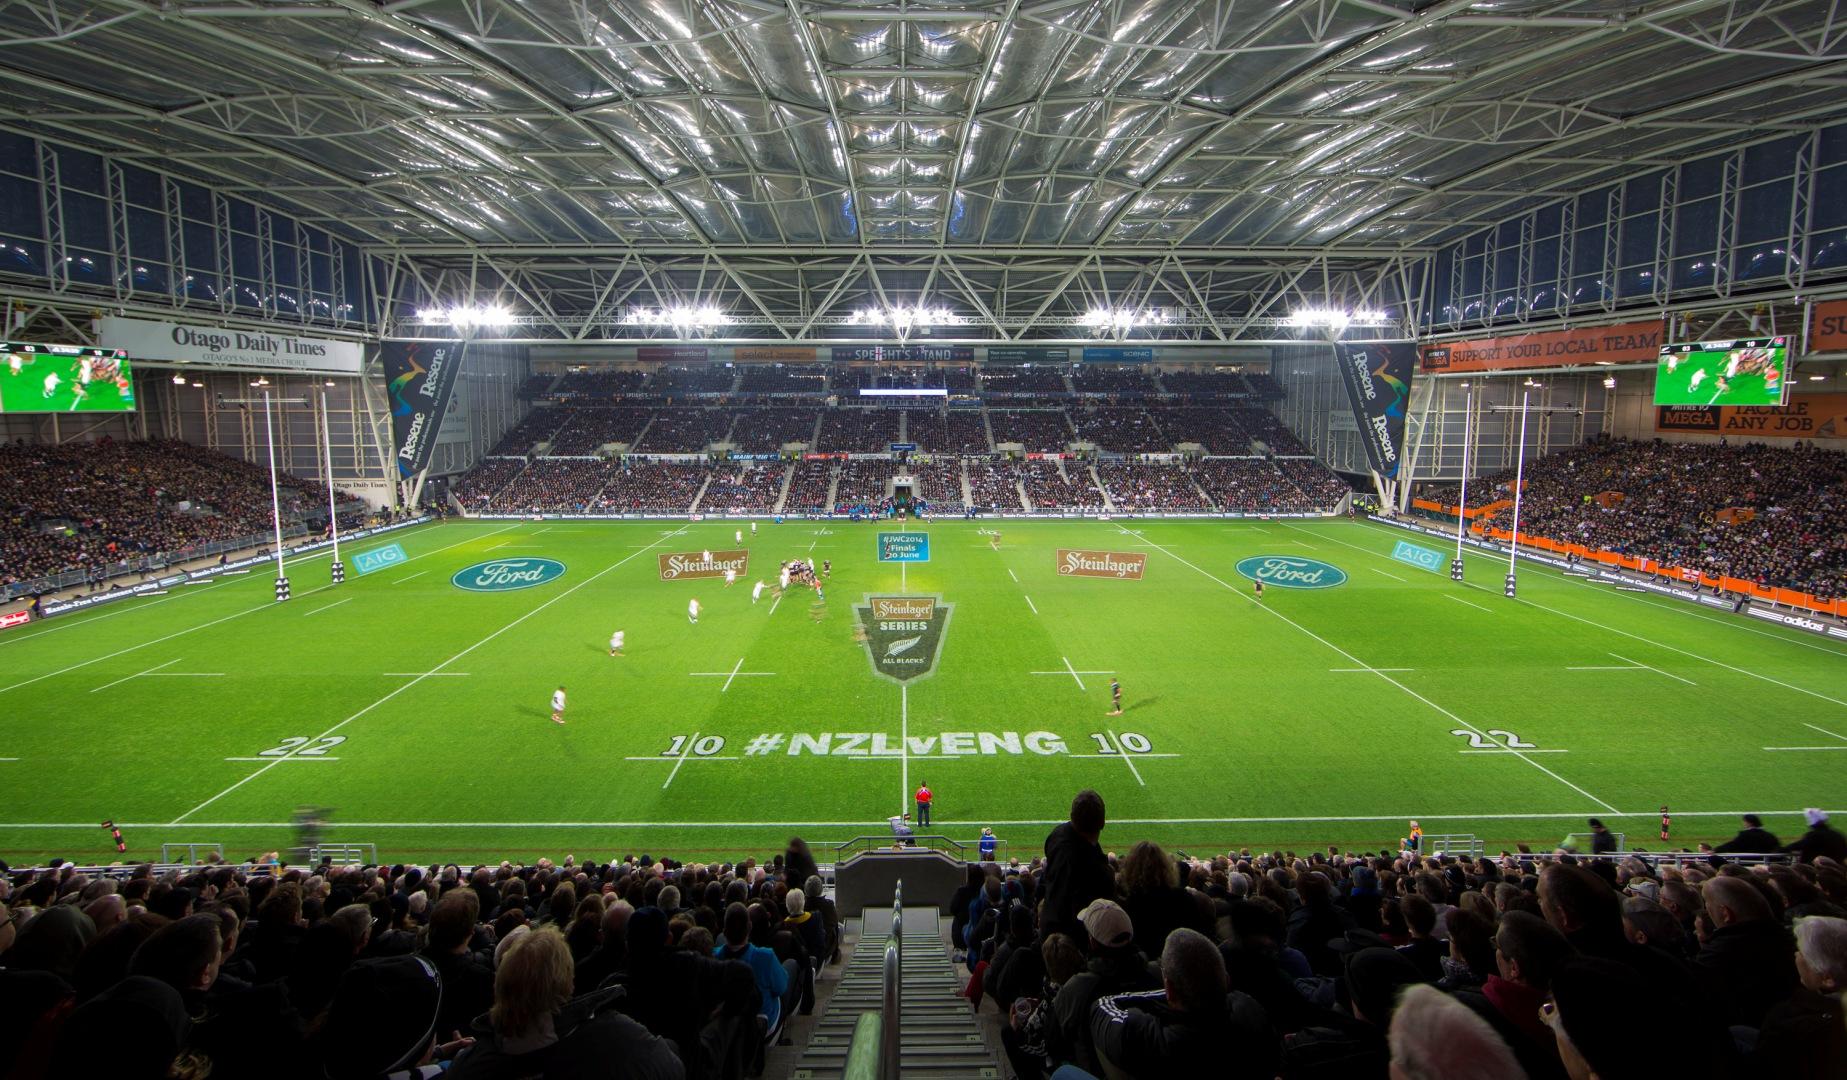 Familiar city but new venue for Lions